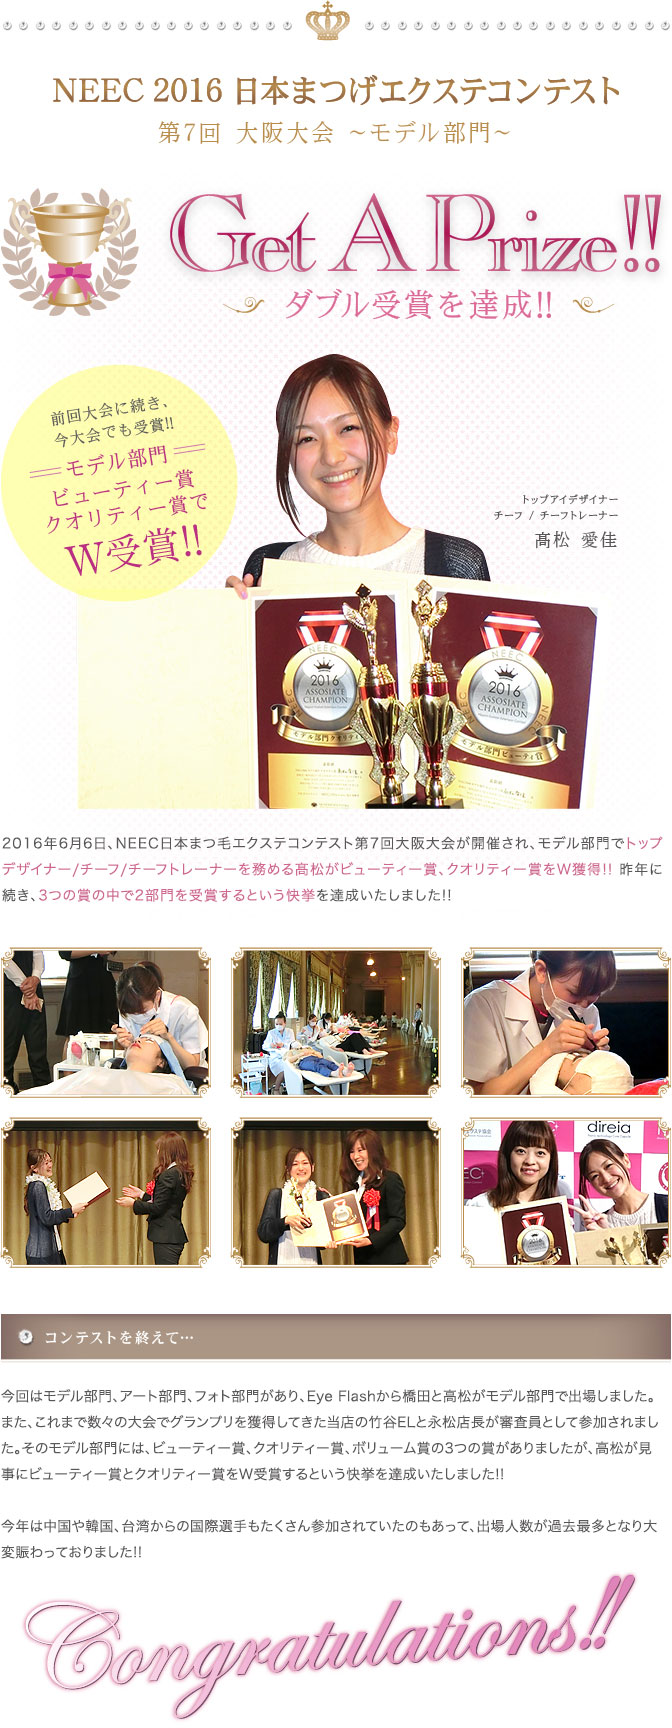 NEEC2013 第4回日本まつげエクステコンテスト シングルラッシュ部門 アイラッシュデザイン部門にて準グランプリをW受賞しました!!